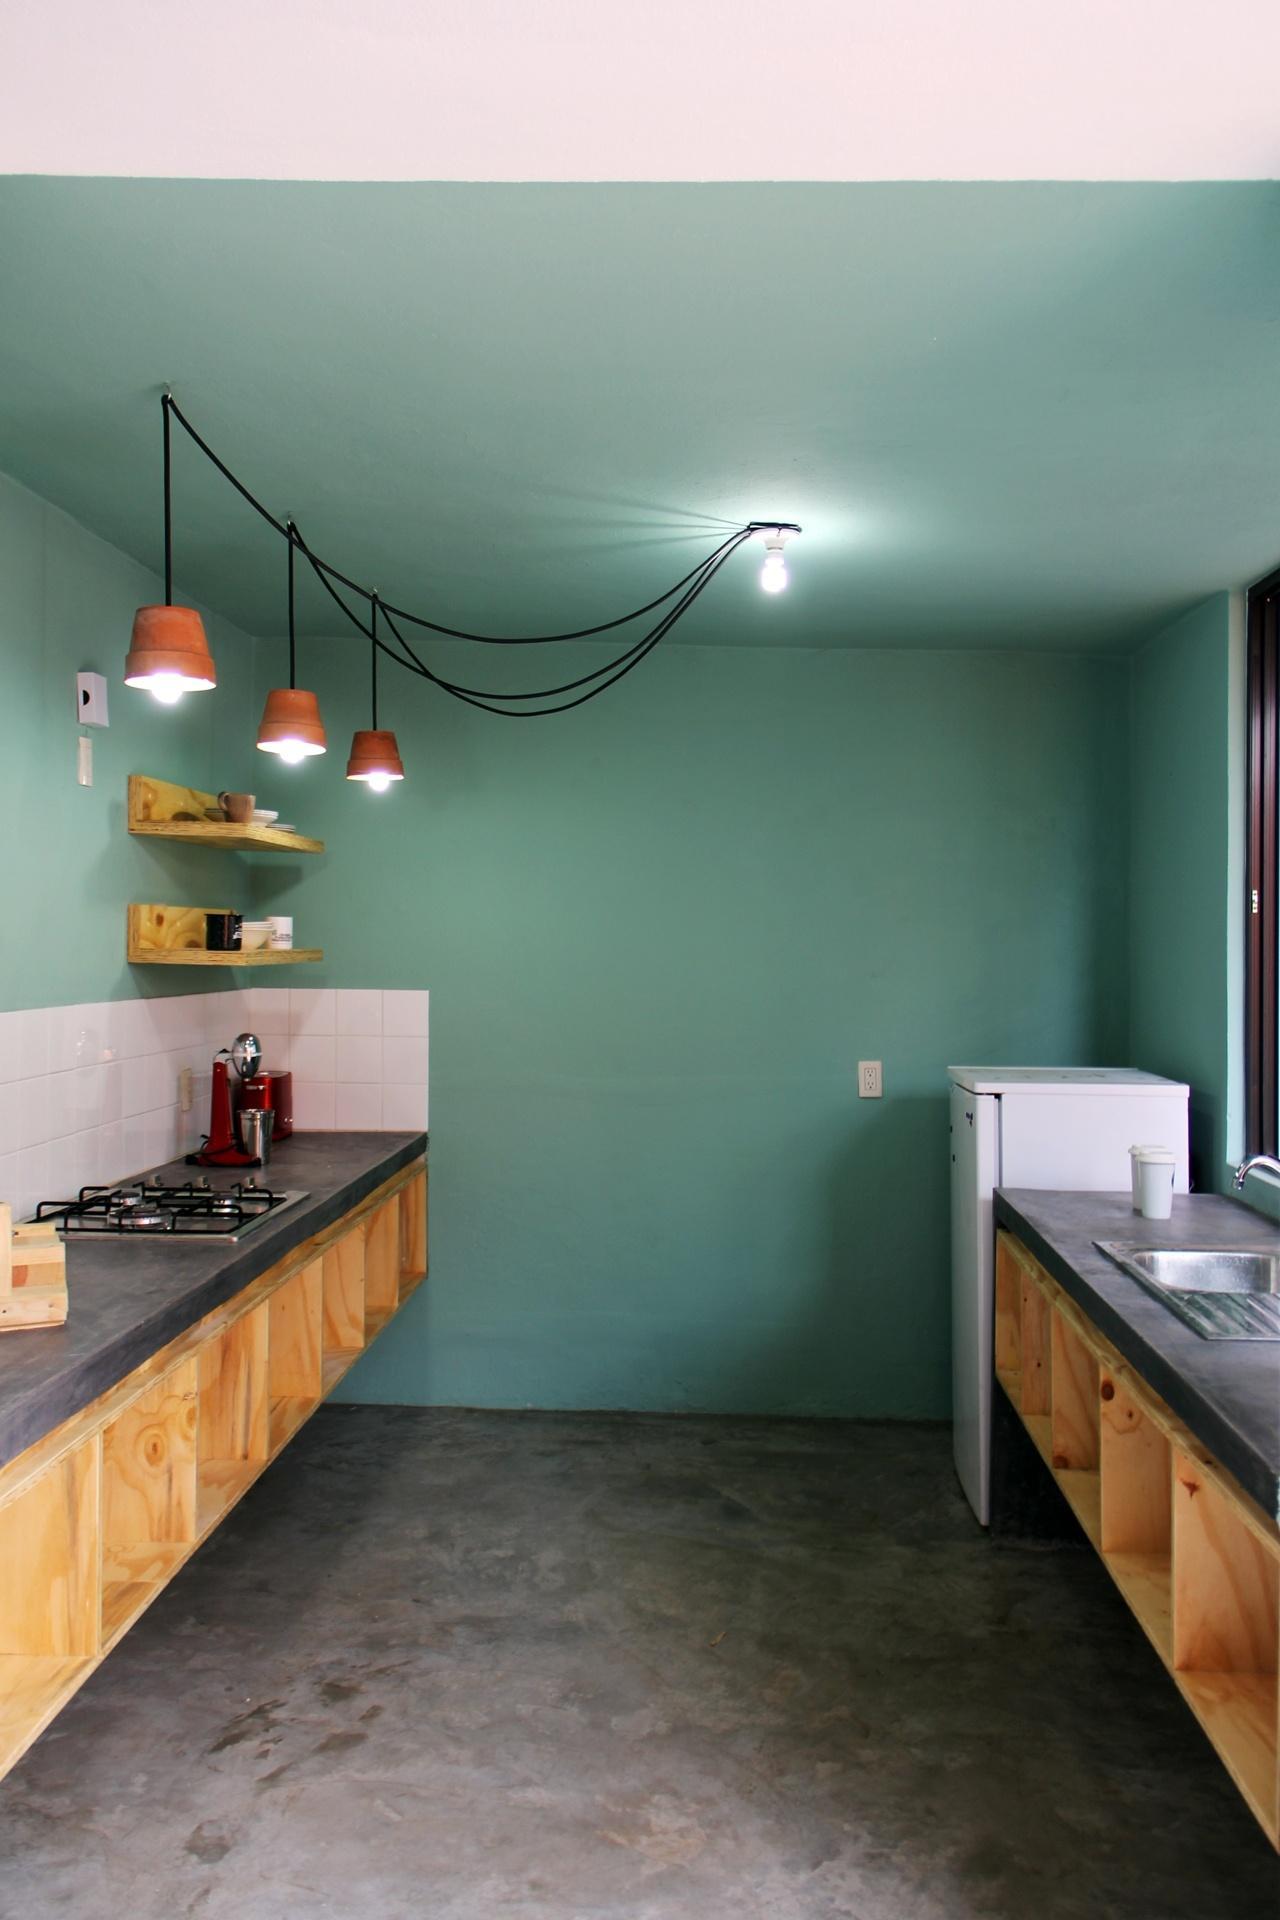 A cozinha dialoga com o jantar através das cores e materais: as paredes e o forro têm o verde usado na mesa de jantar. As bancadas de concreto polido estão dispostas nas duas paredes, uma detém a pia, a outra, o 'cooktop'. Ambas apresentam nichos de madeira clara sob si, fixados à parede. O piso, como no resto da casa Tadeo, é de cimento queimado. O projeto é do escritório Apaloosa